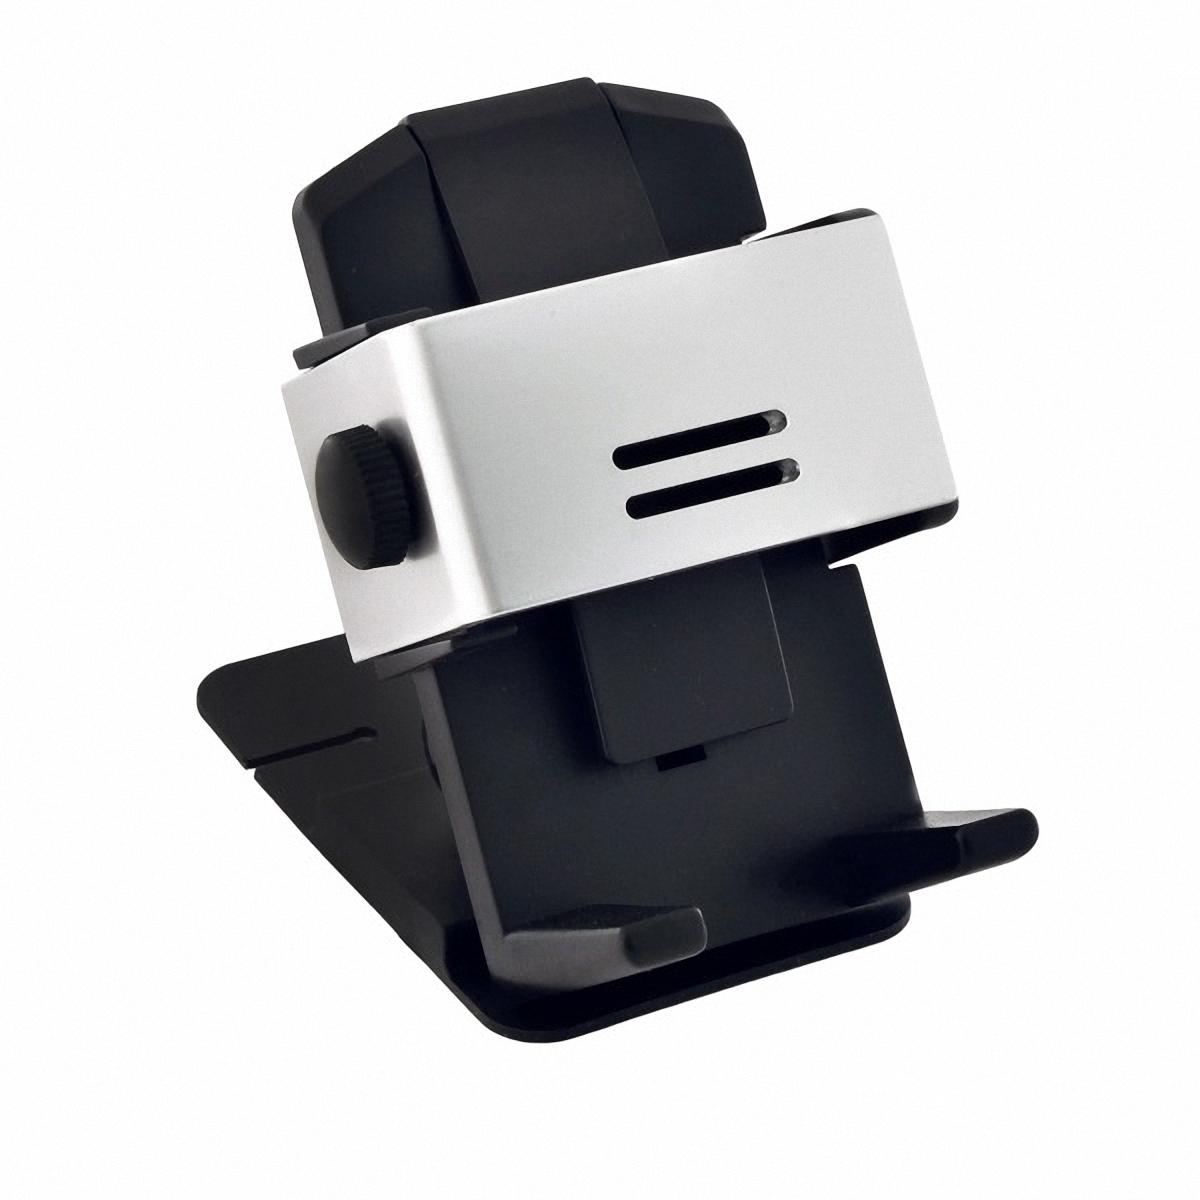 Держатель автомобильный Skyway, для телефона, на дефлектор. SW-1101/S0030101098298123_черныйДержатель выполнен из пластика, предназначен для телефона. Оригинальный дизайн. Лёгкость и простота установки.Свойства: Быстрая установка. Надёжность креплений. Безопасность для вождения.Регулируемая ширина захвата: 40-60 мм.